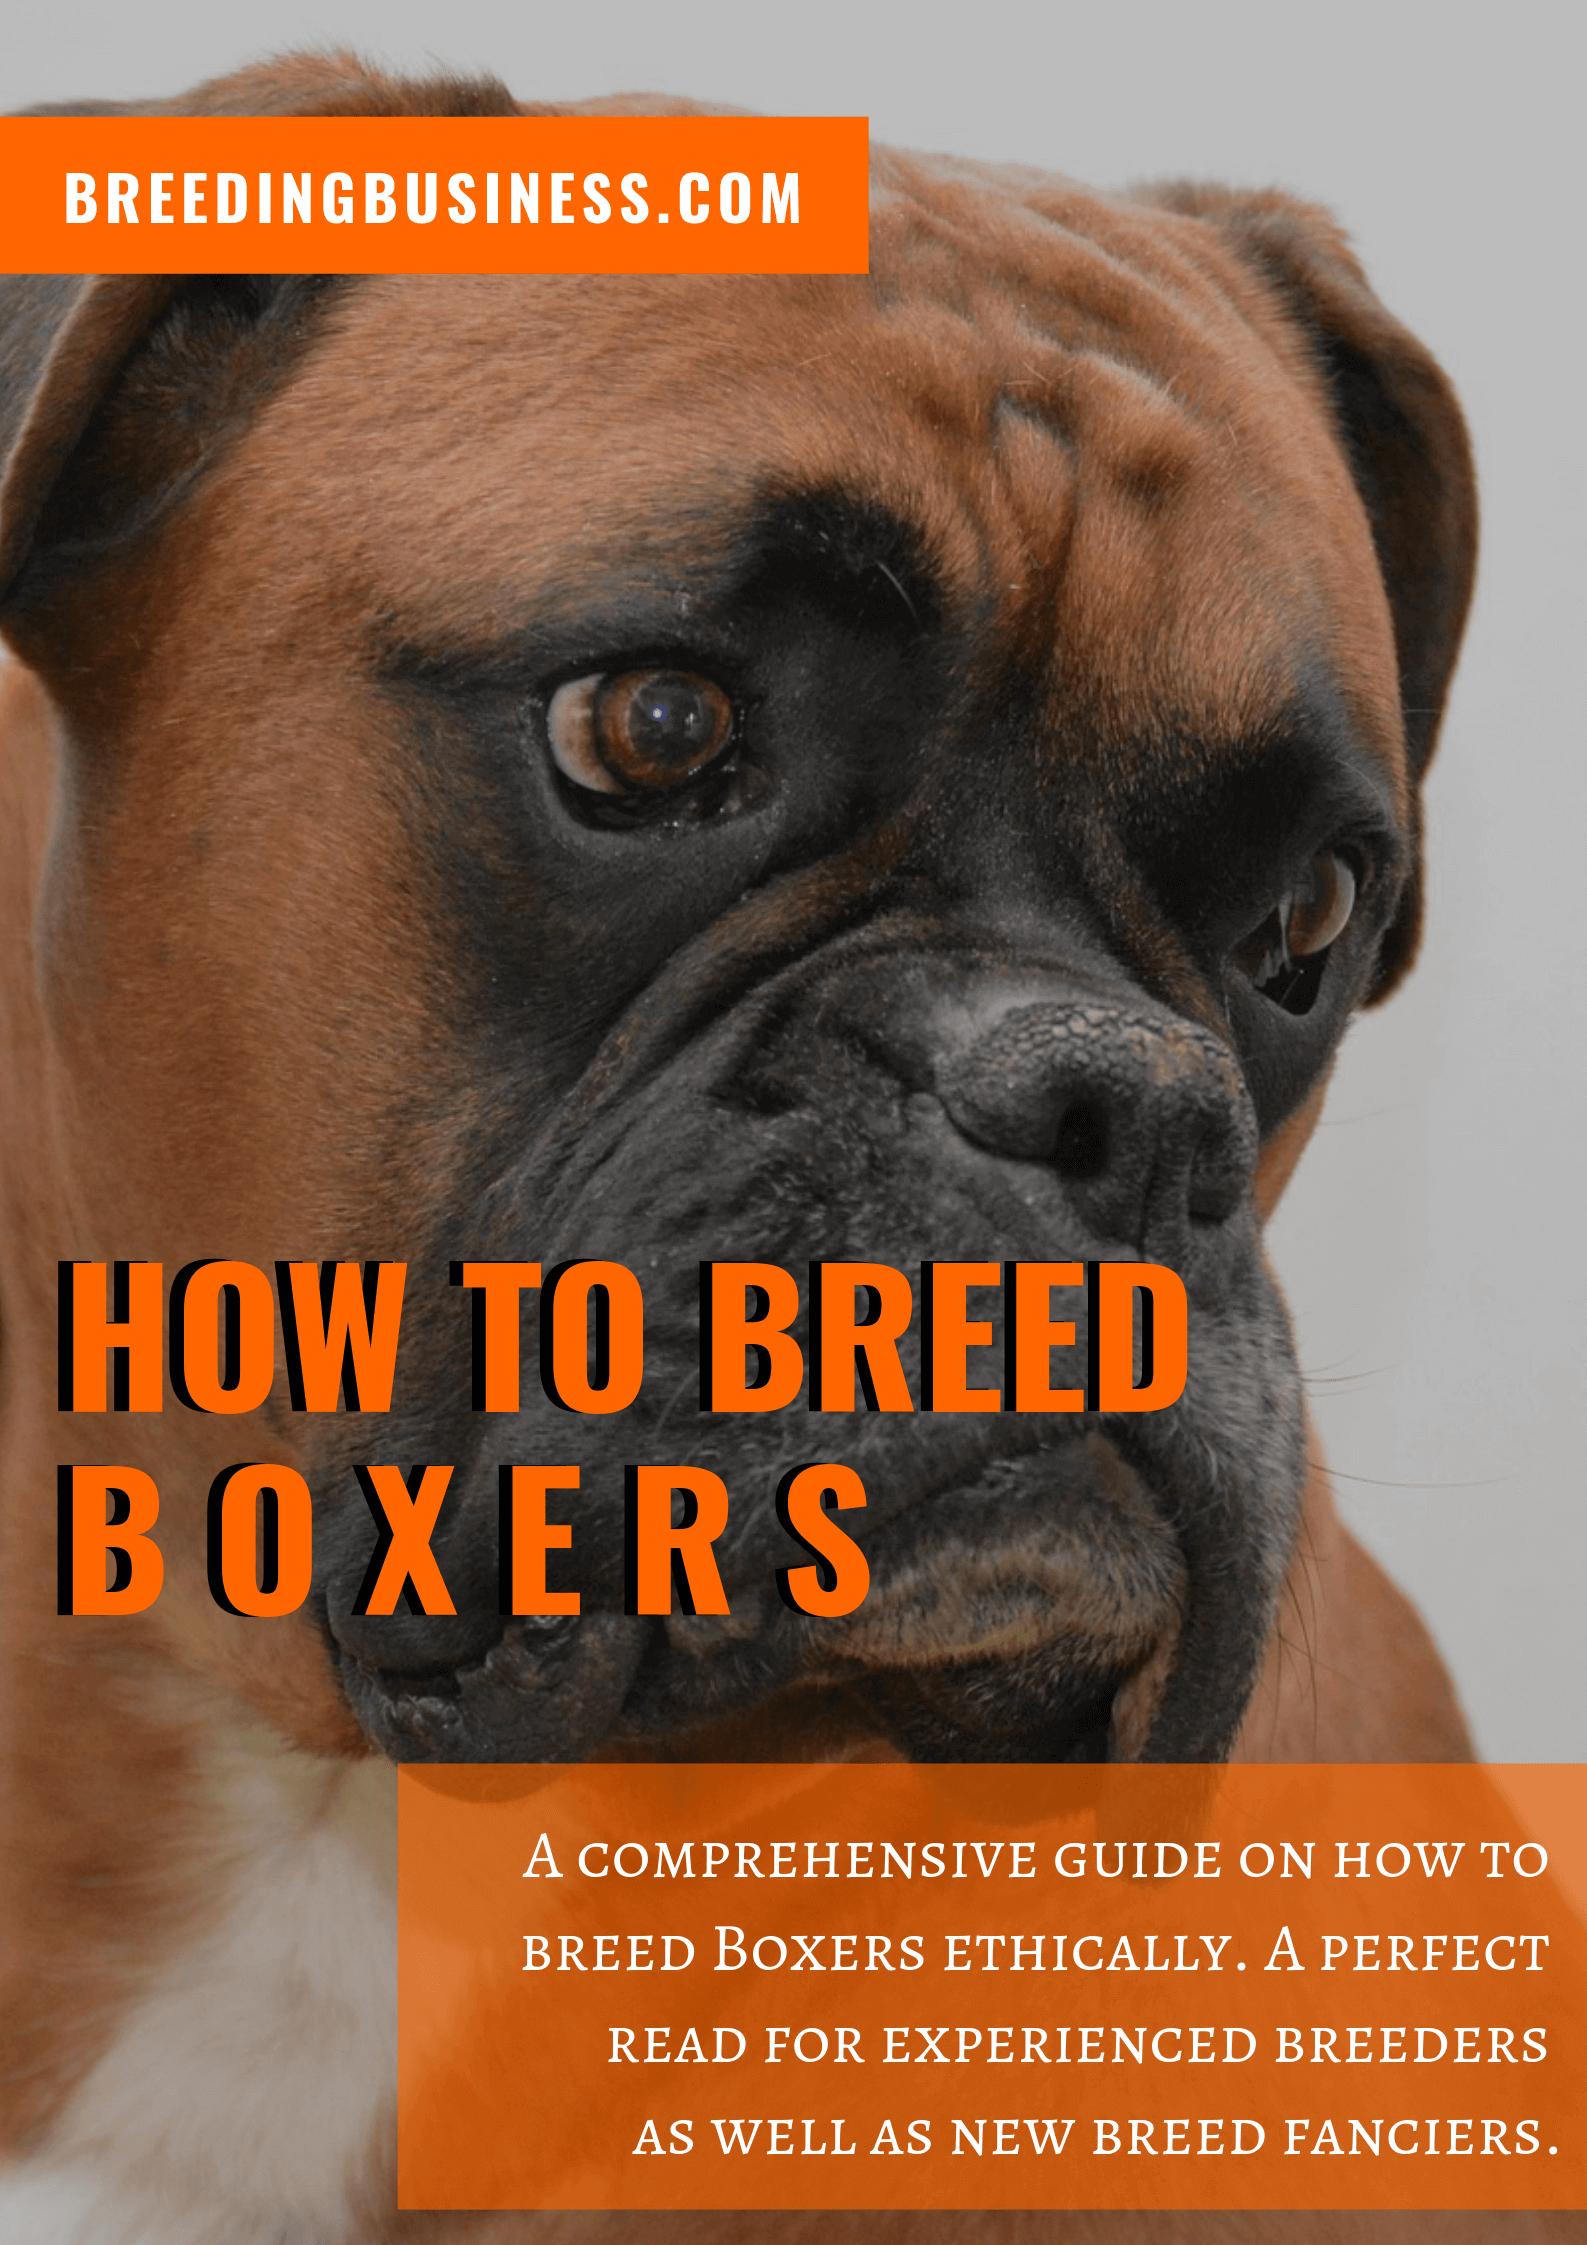 breeding Boxers